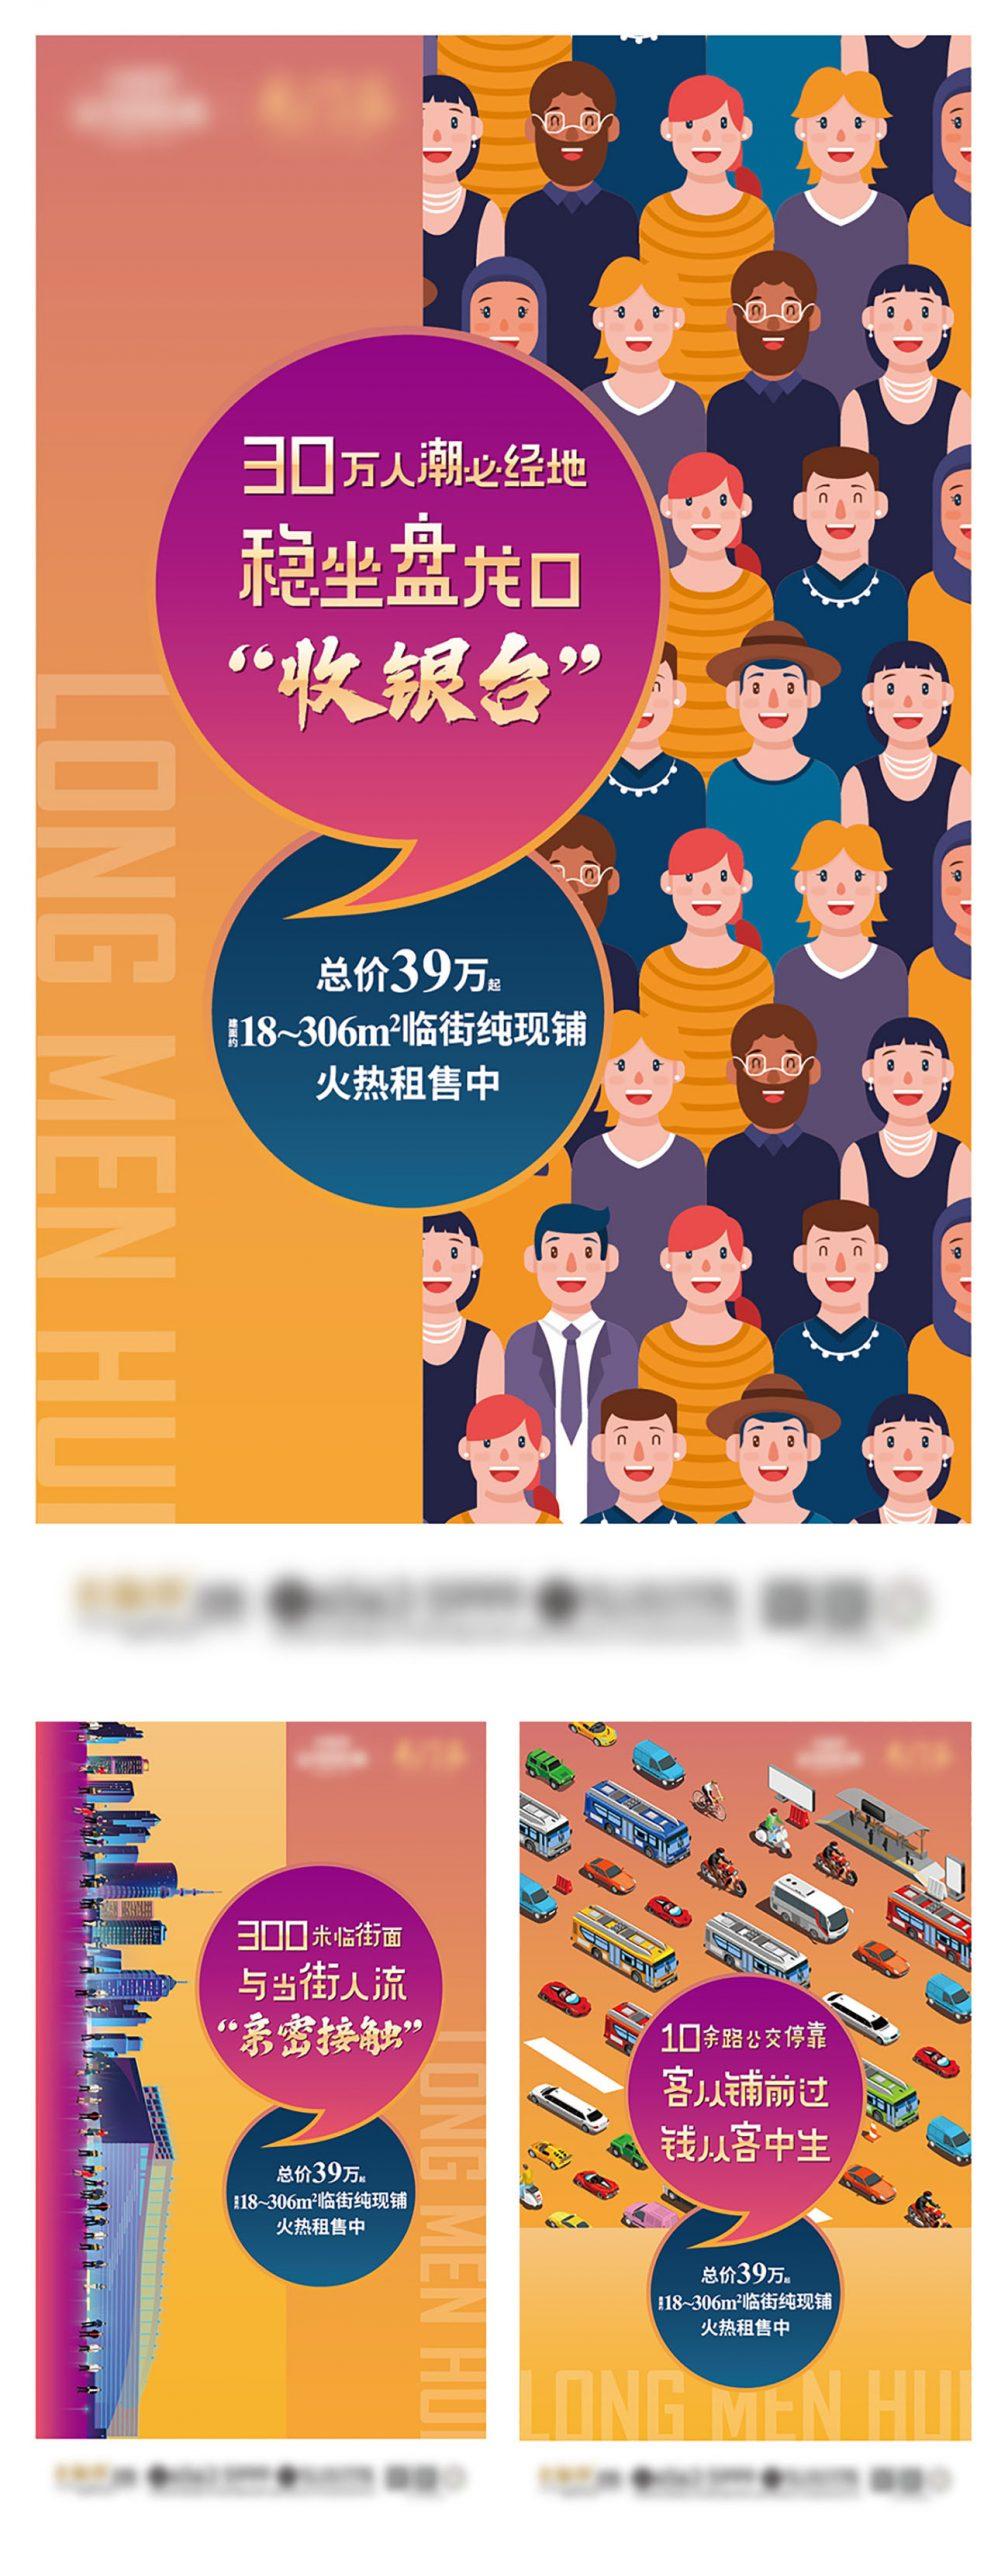 房地产商铺插画系列价值点单屏海报AI源文件插图